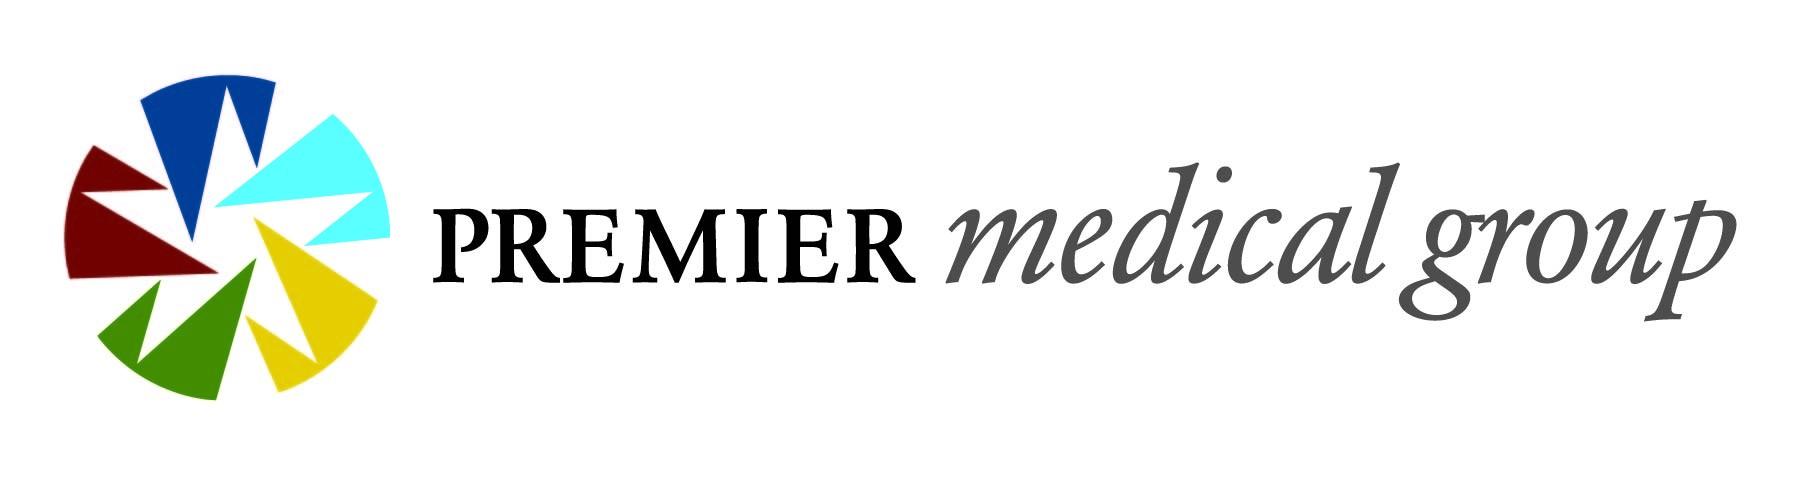 Premier Medical Group of the Hudson Valley | LinkedIn